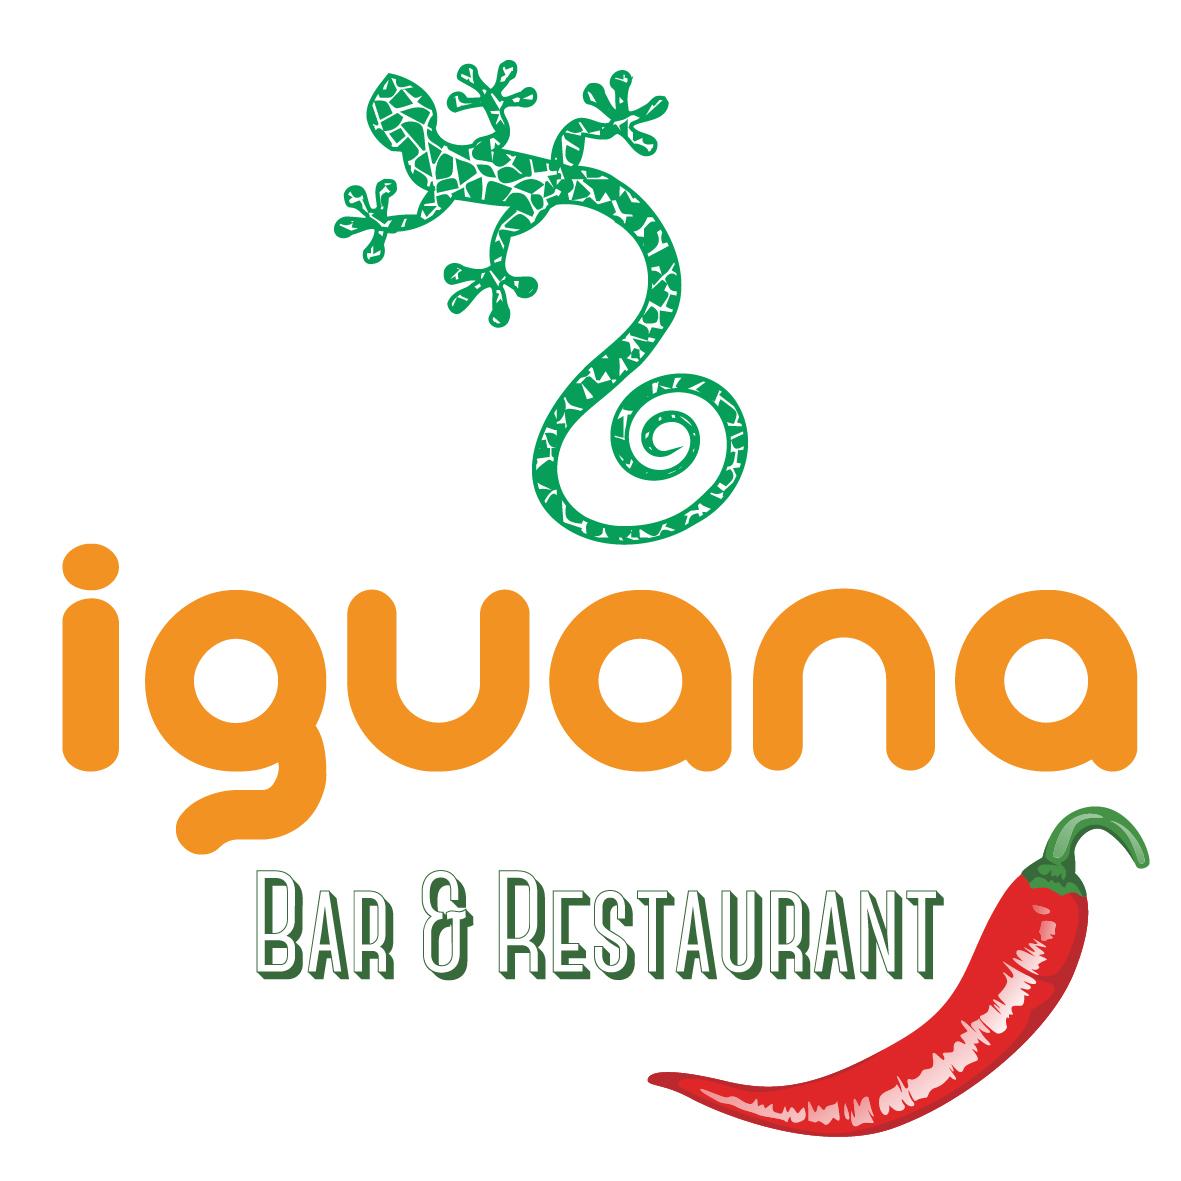 Iguana Restaurante